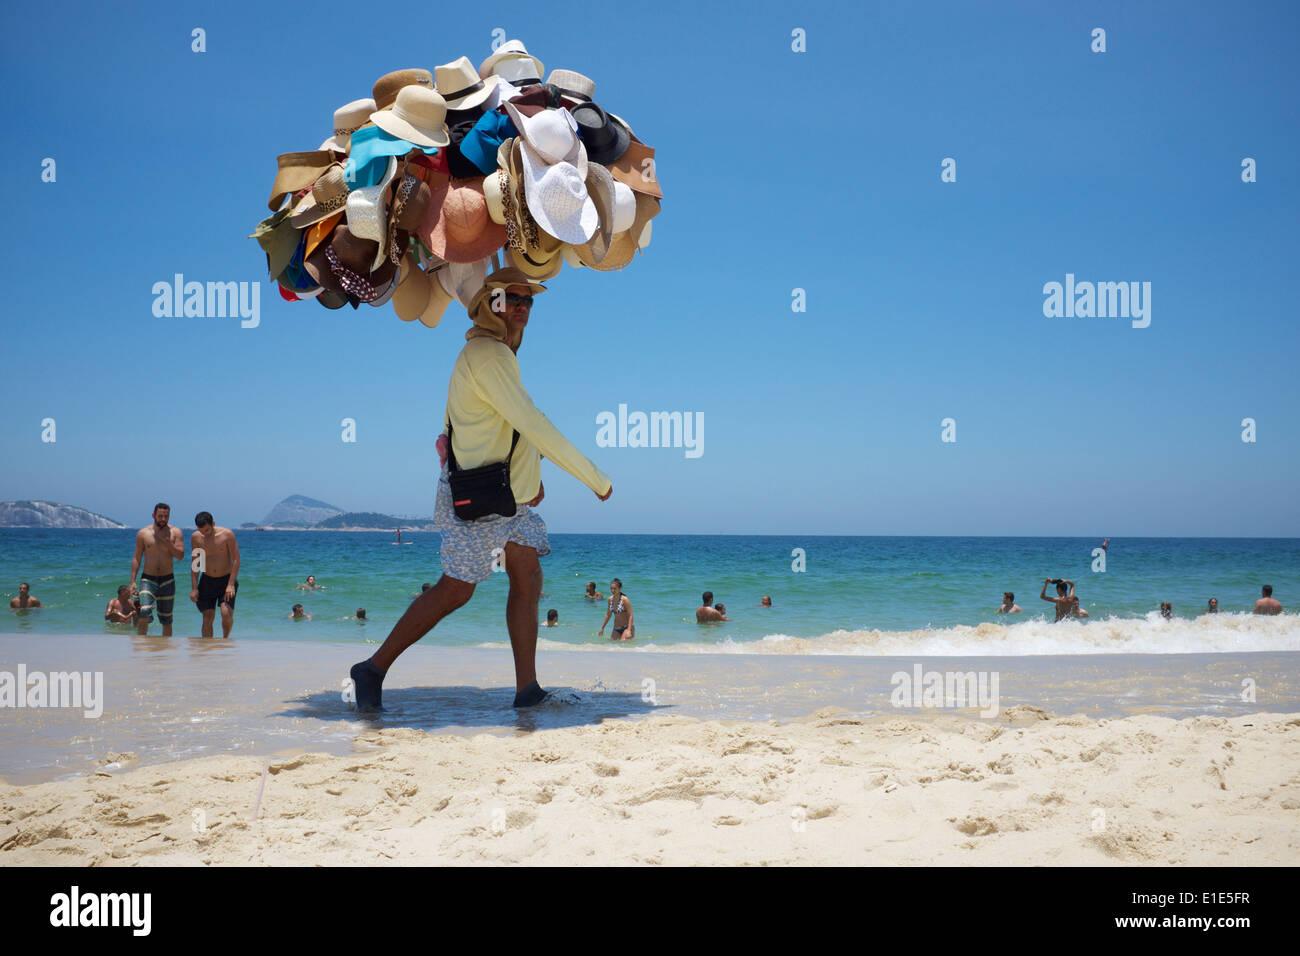 RIO DE JANEIRO, Brasilien - 22. Januar 2014: Spaziergänge am Strand Verkäufer verkaufen Hüte tragen seine Ware am Strand von Ipanema. Stockbild